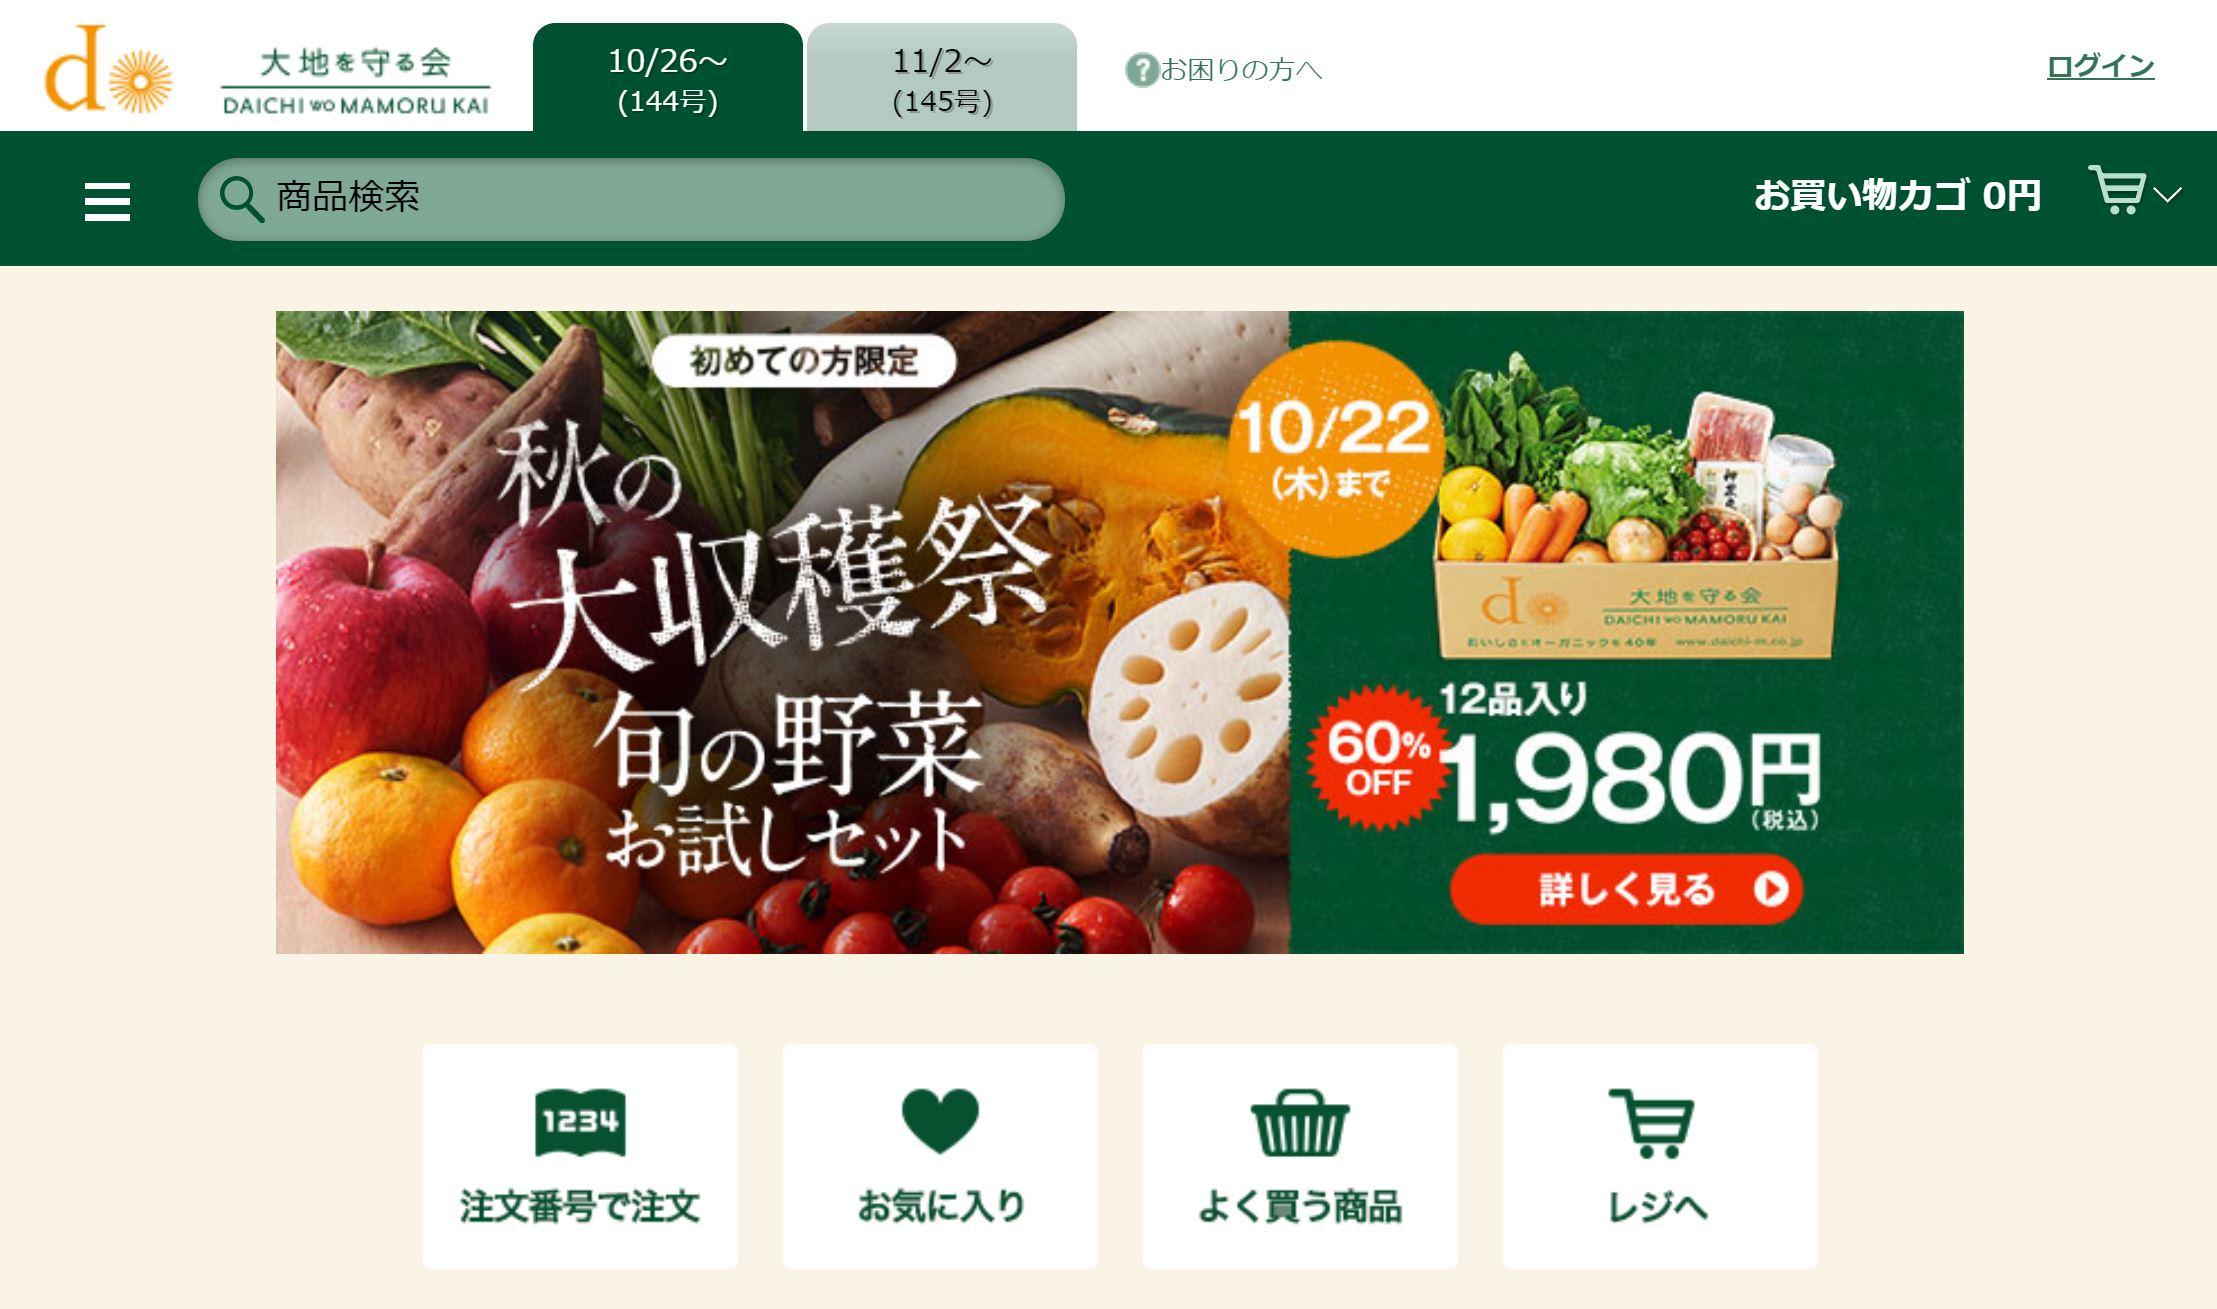 安全性重視の有機野菜宅配サービス「大地を守る会」